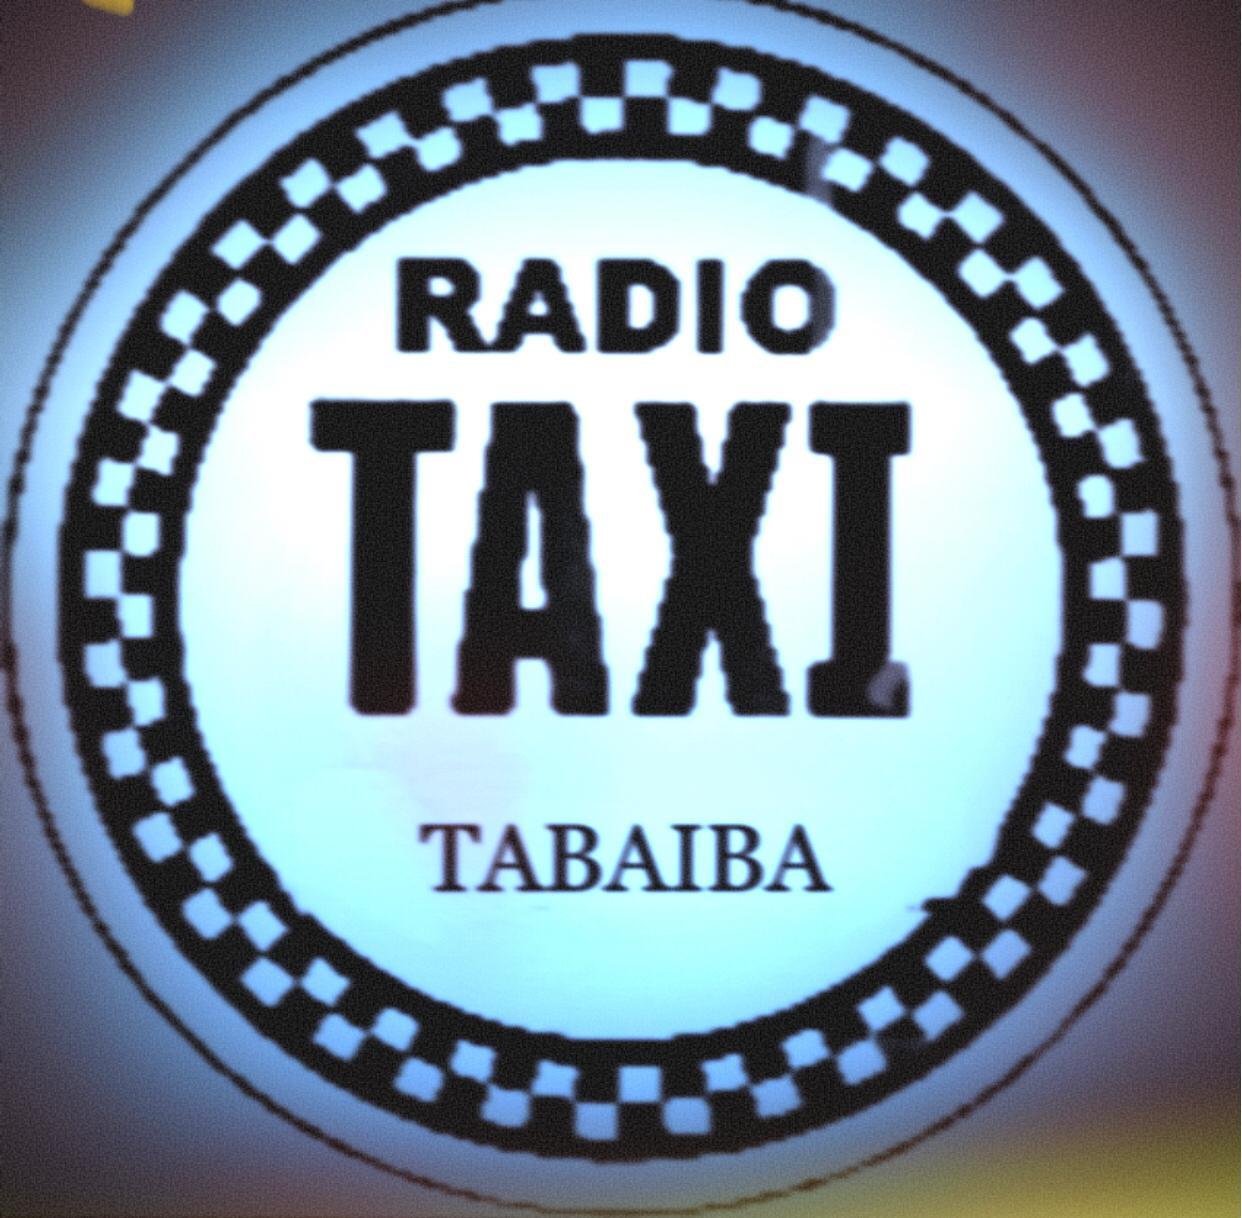 Radio Taxi Tabaiba